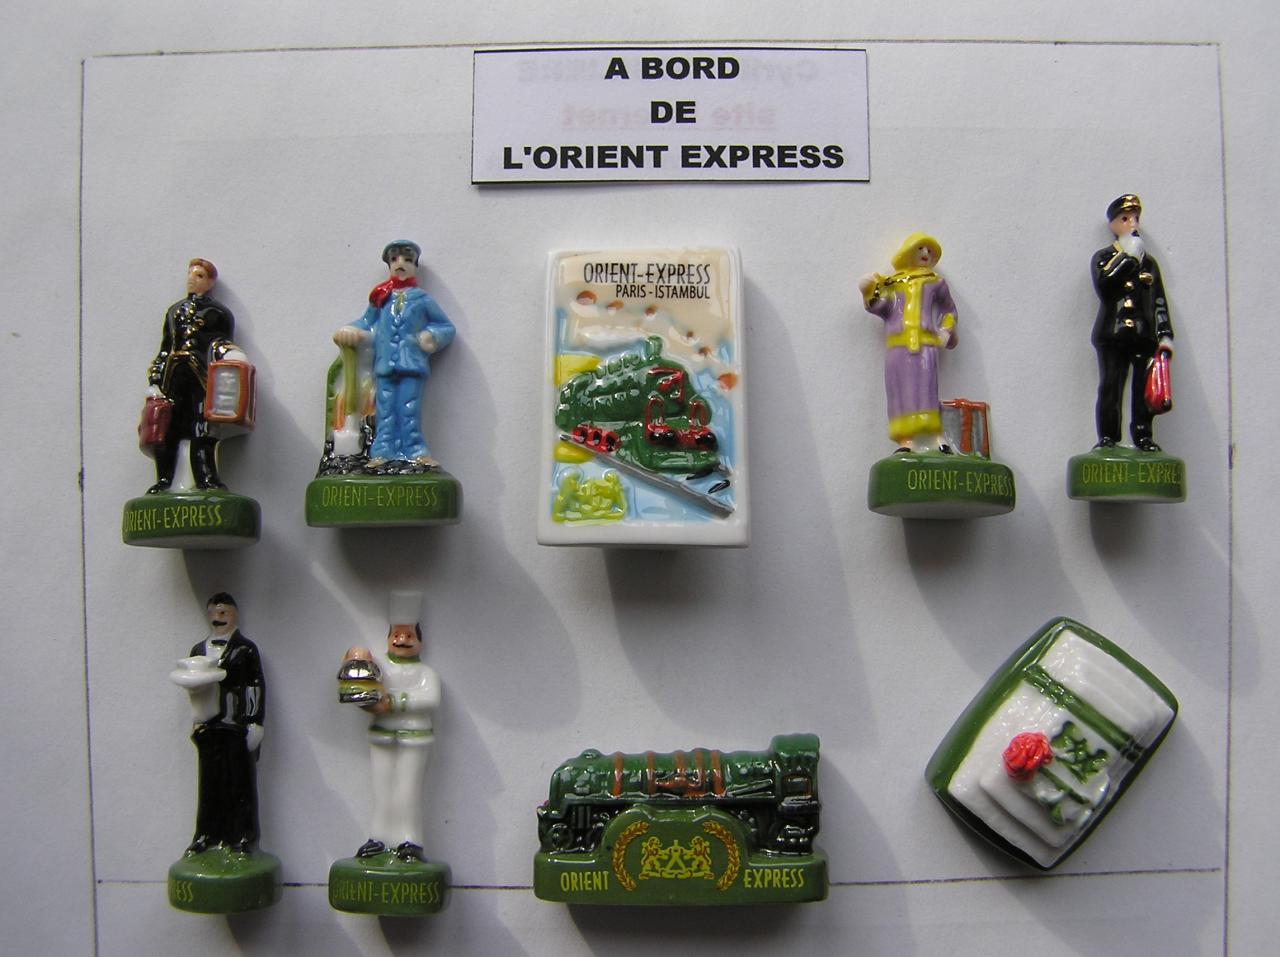 172 a bord de l 39 orient express puis e aff for L orient express salon marocain